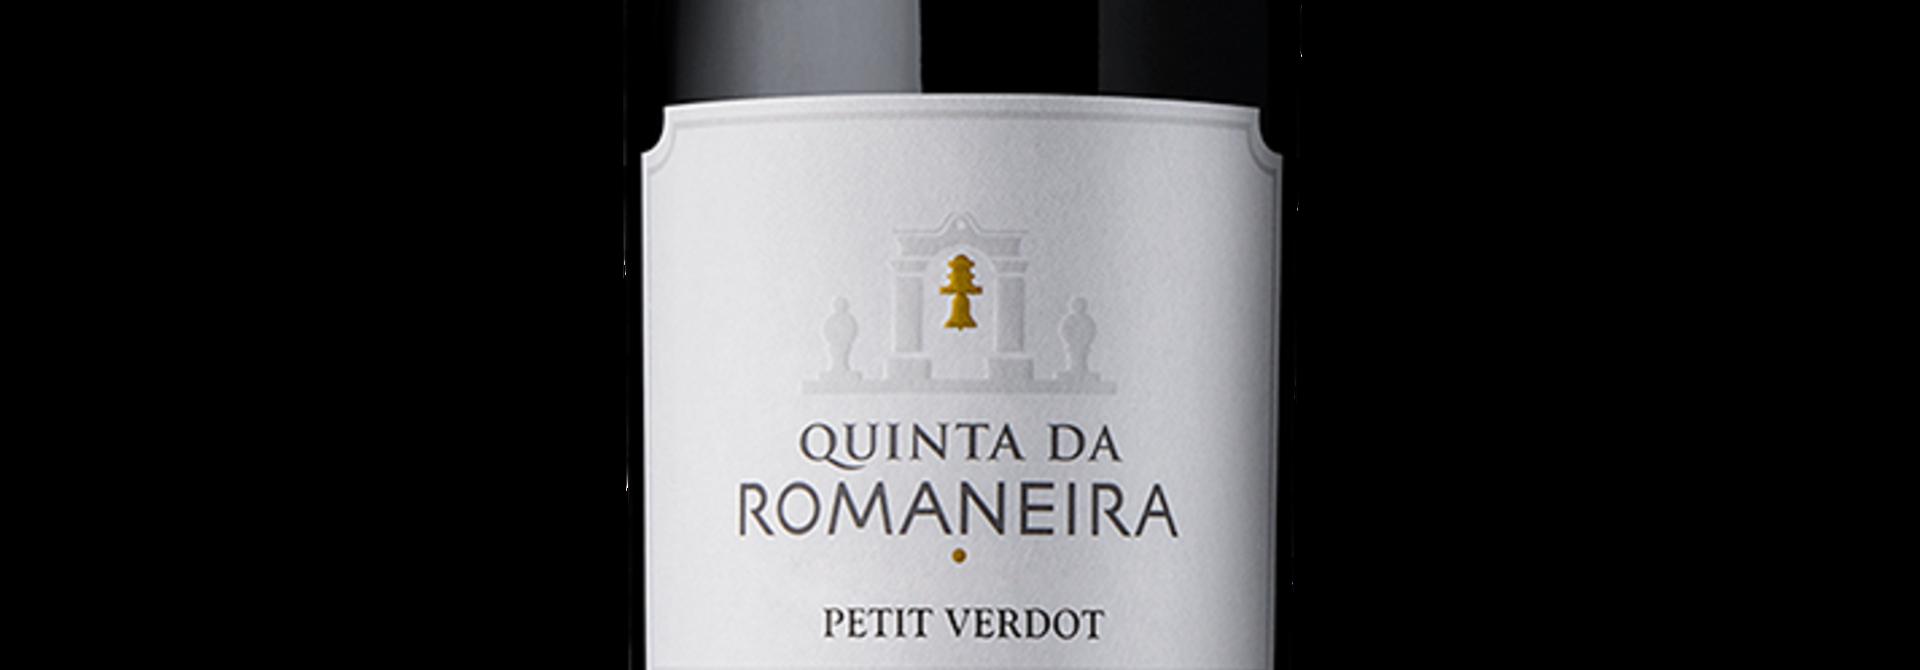 Quinta da Romaneira Petit Verdot 2014